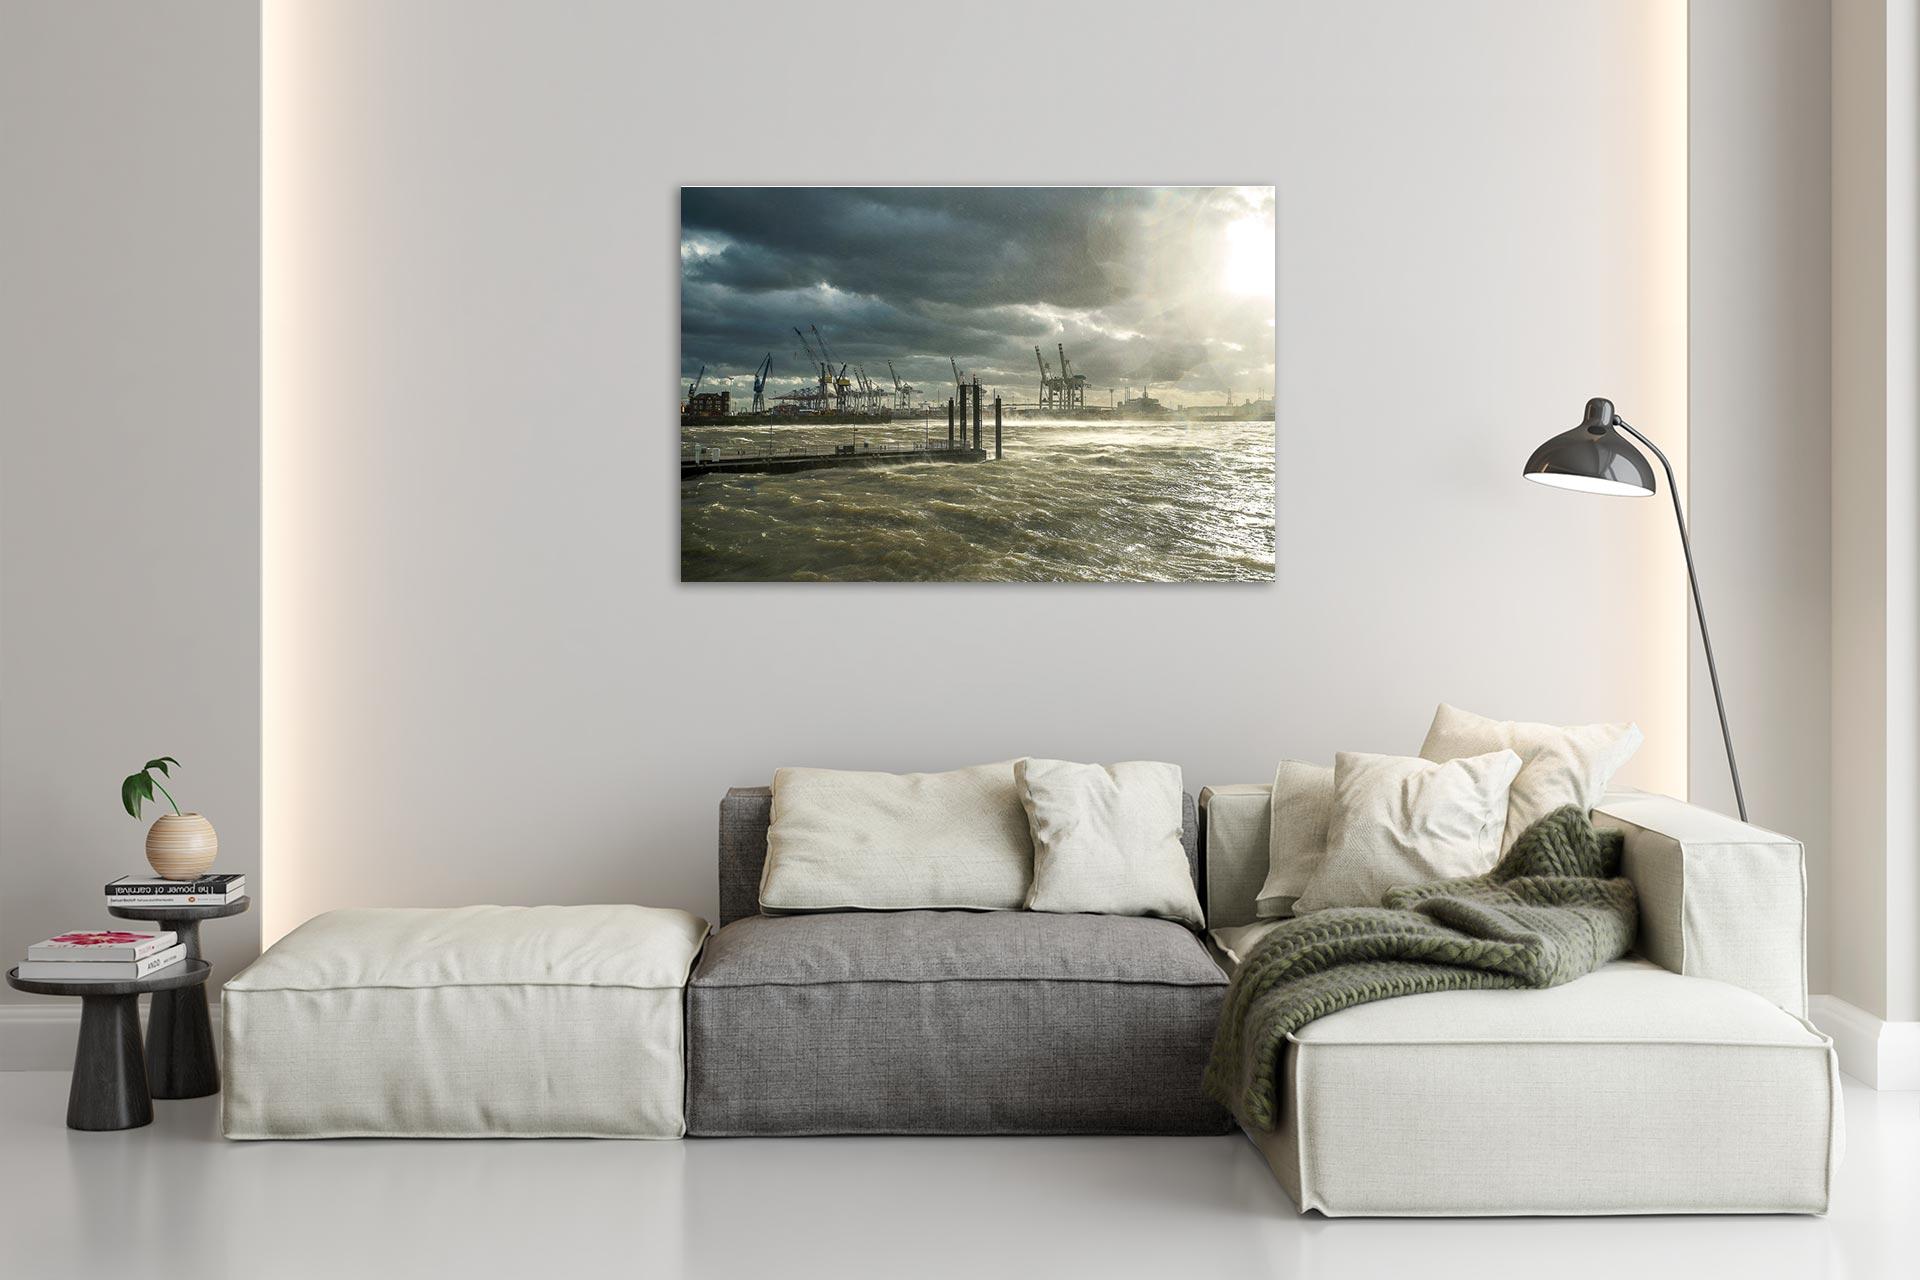 LCW270-hafensturm-hamburg-wandbild-bild-auf-leinwand-acrylglas-aludibond-wohnzimmer